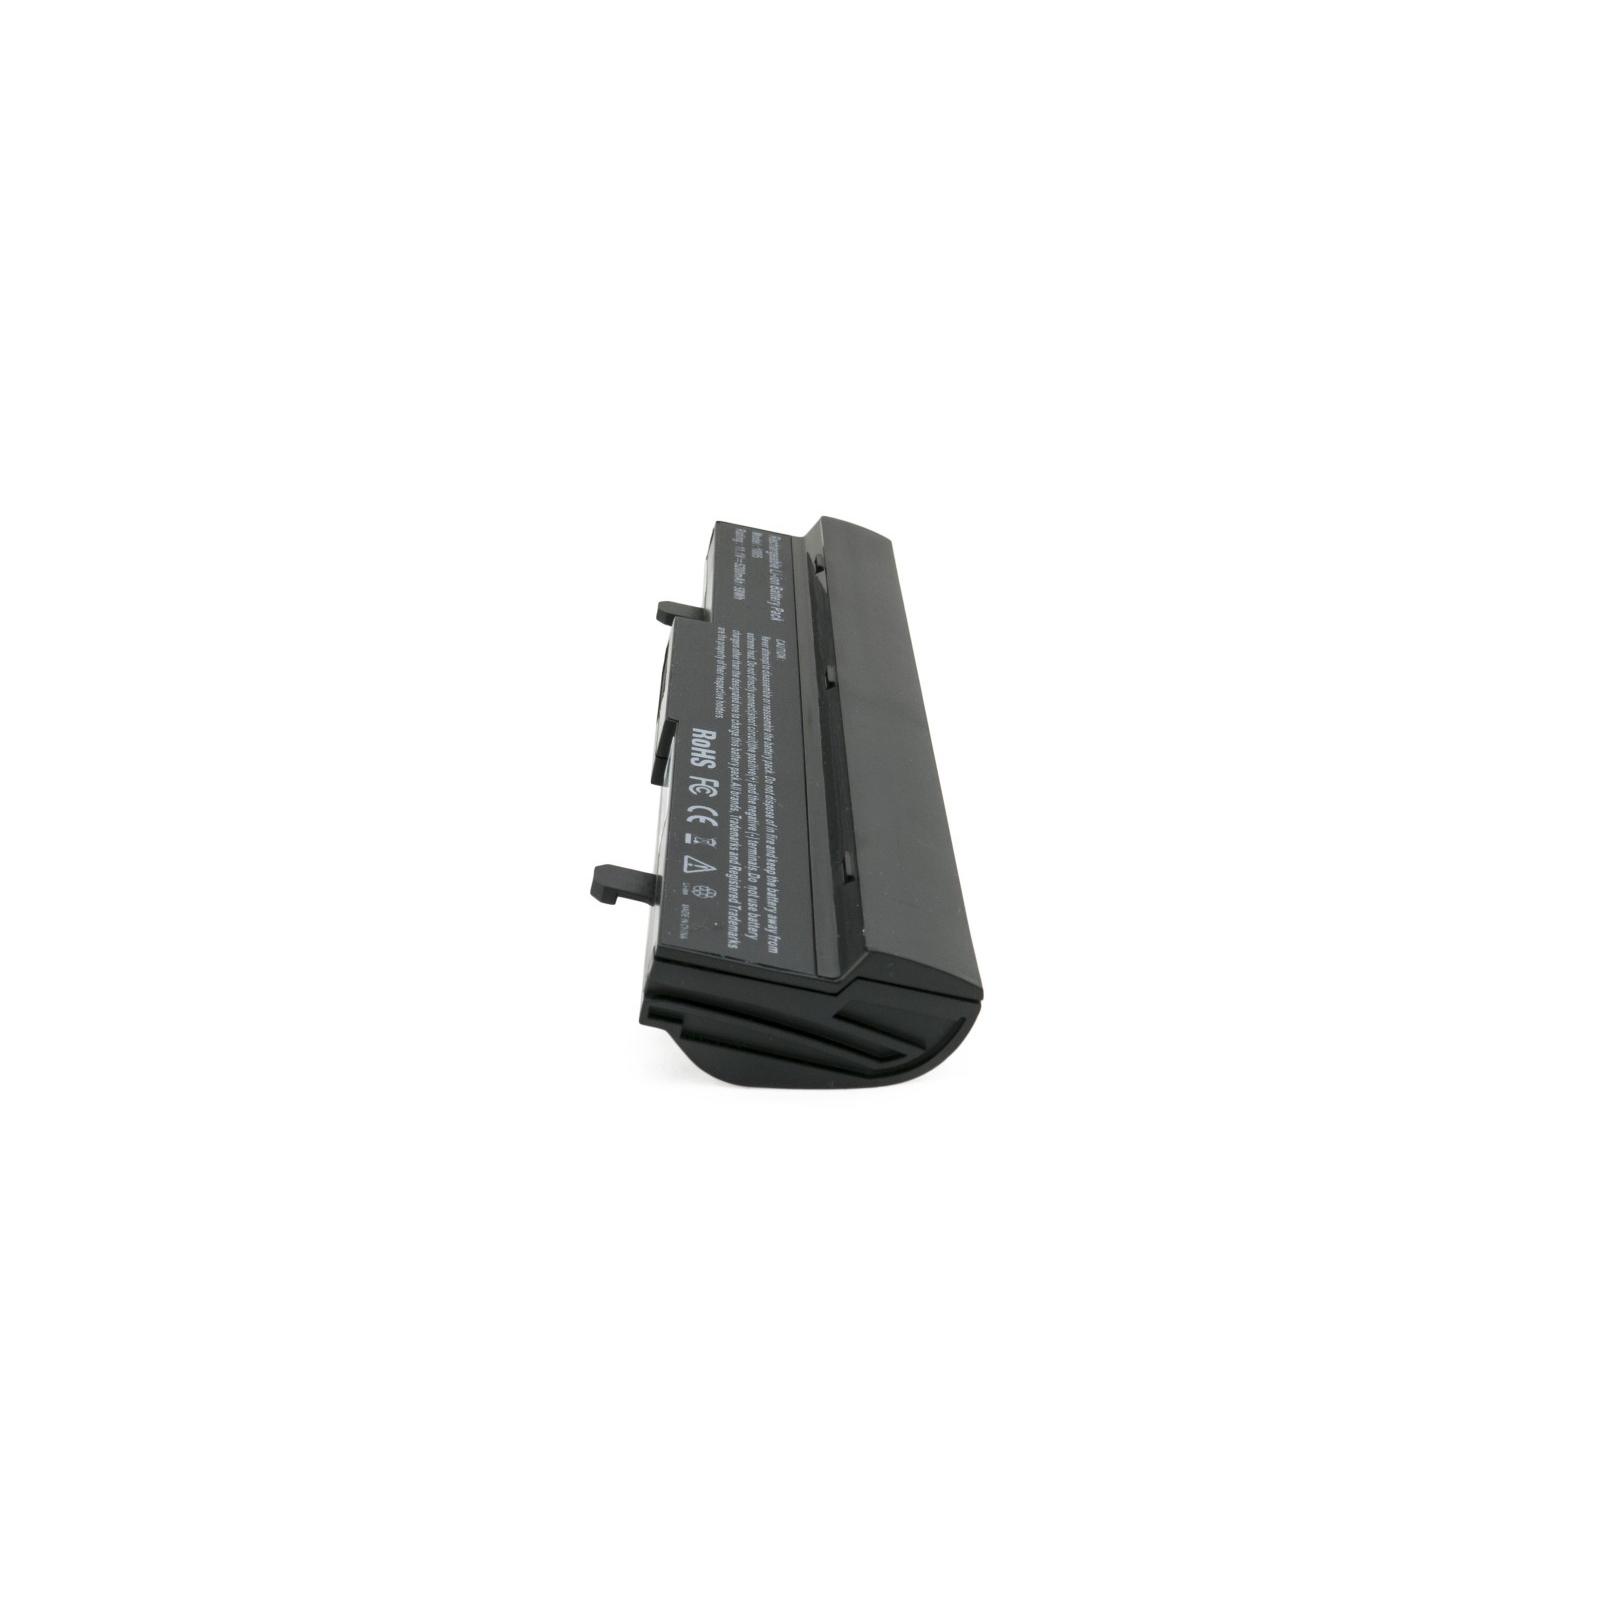 Аккумулятор для ноутбука Asus Eee PC 1005 (AL31-1005) 5200 mAh EXTRADIGITAL (BNA3920) изображение 5